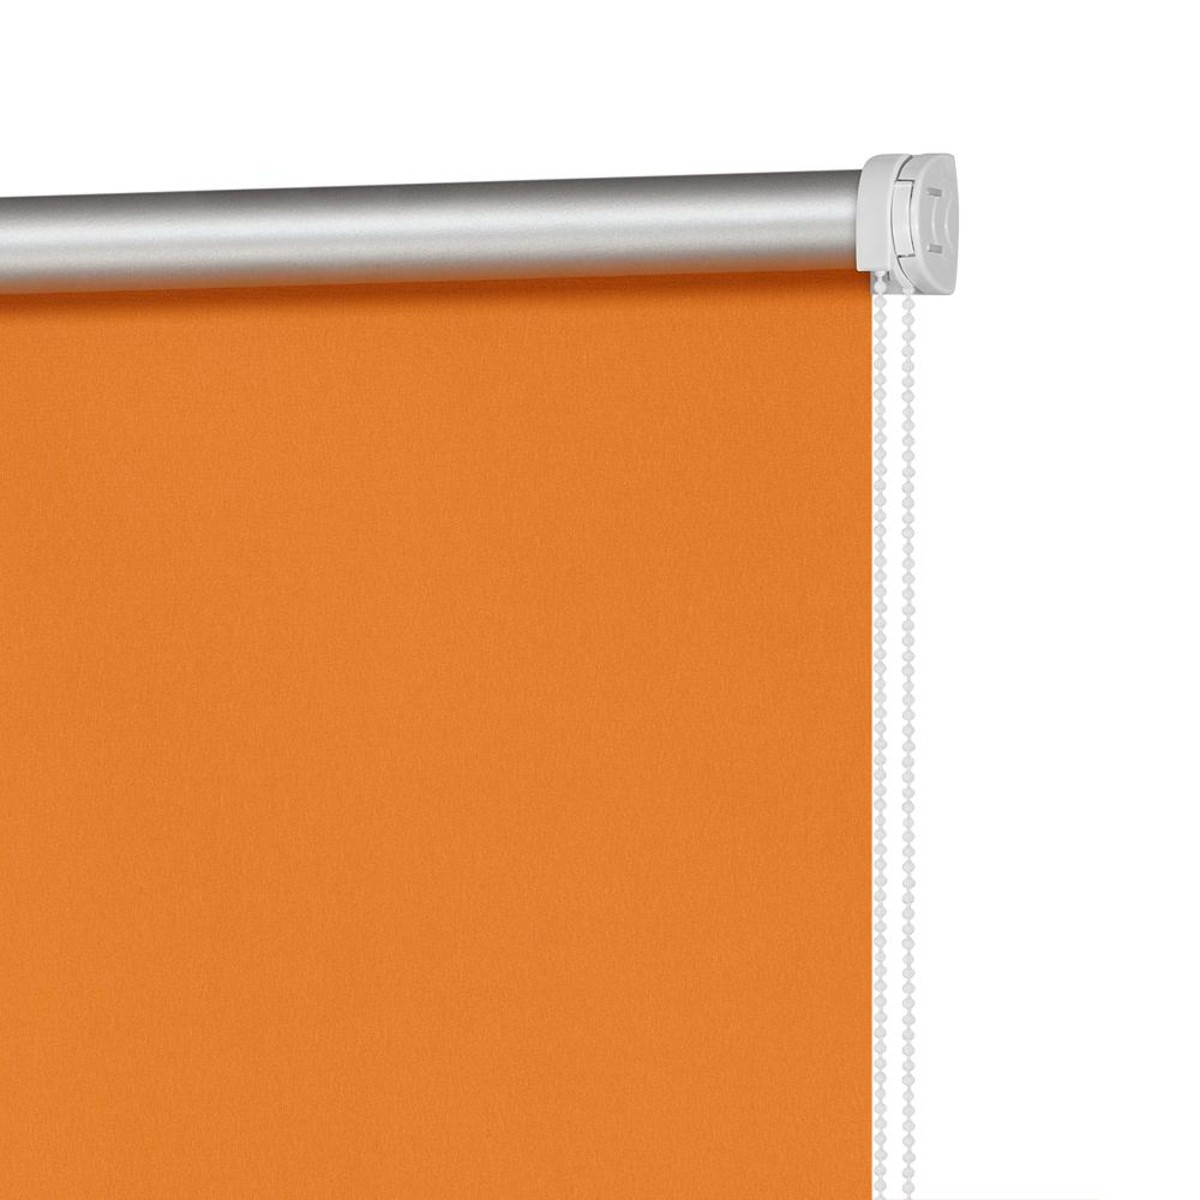 Рулонная Ора Decofest Блэкаут Плайн 60Х160 Цвет Оранжевый